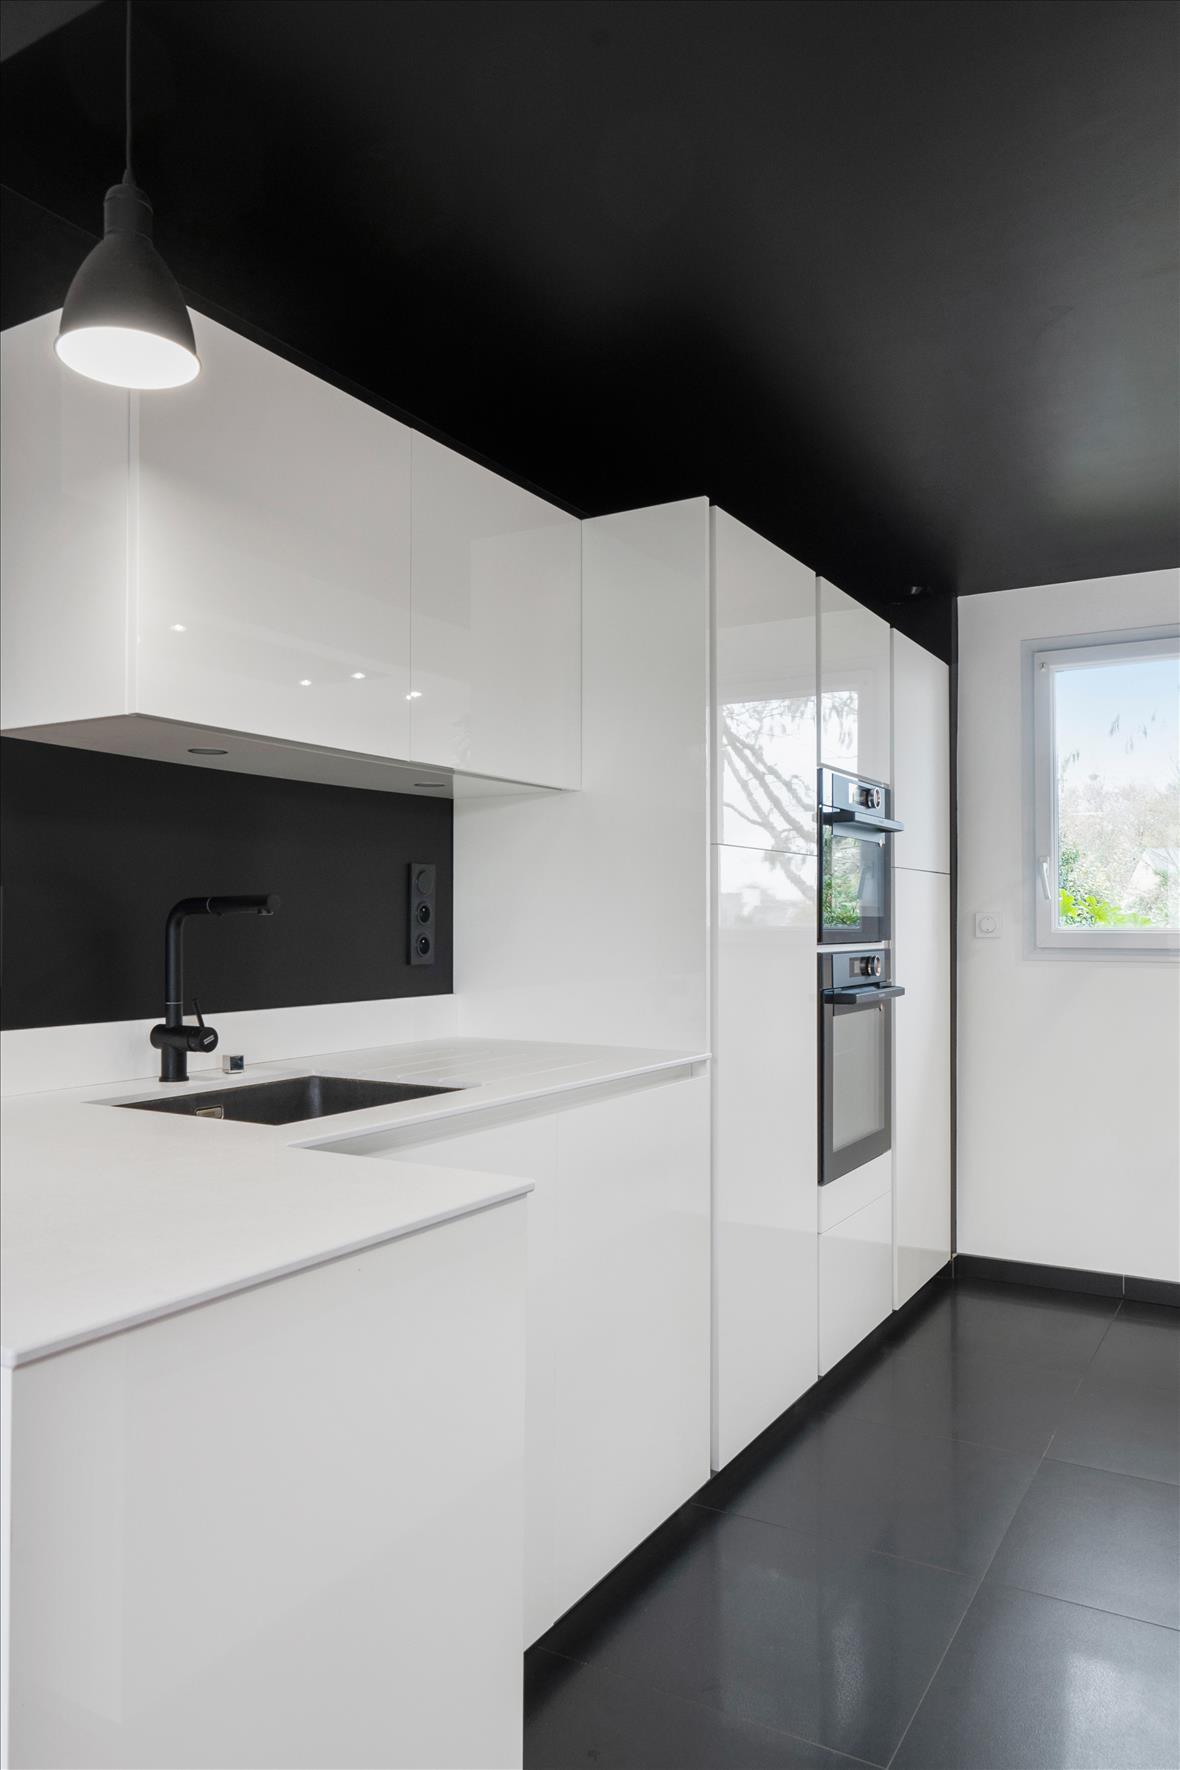 Cuisine design blanche plafond noir